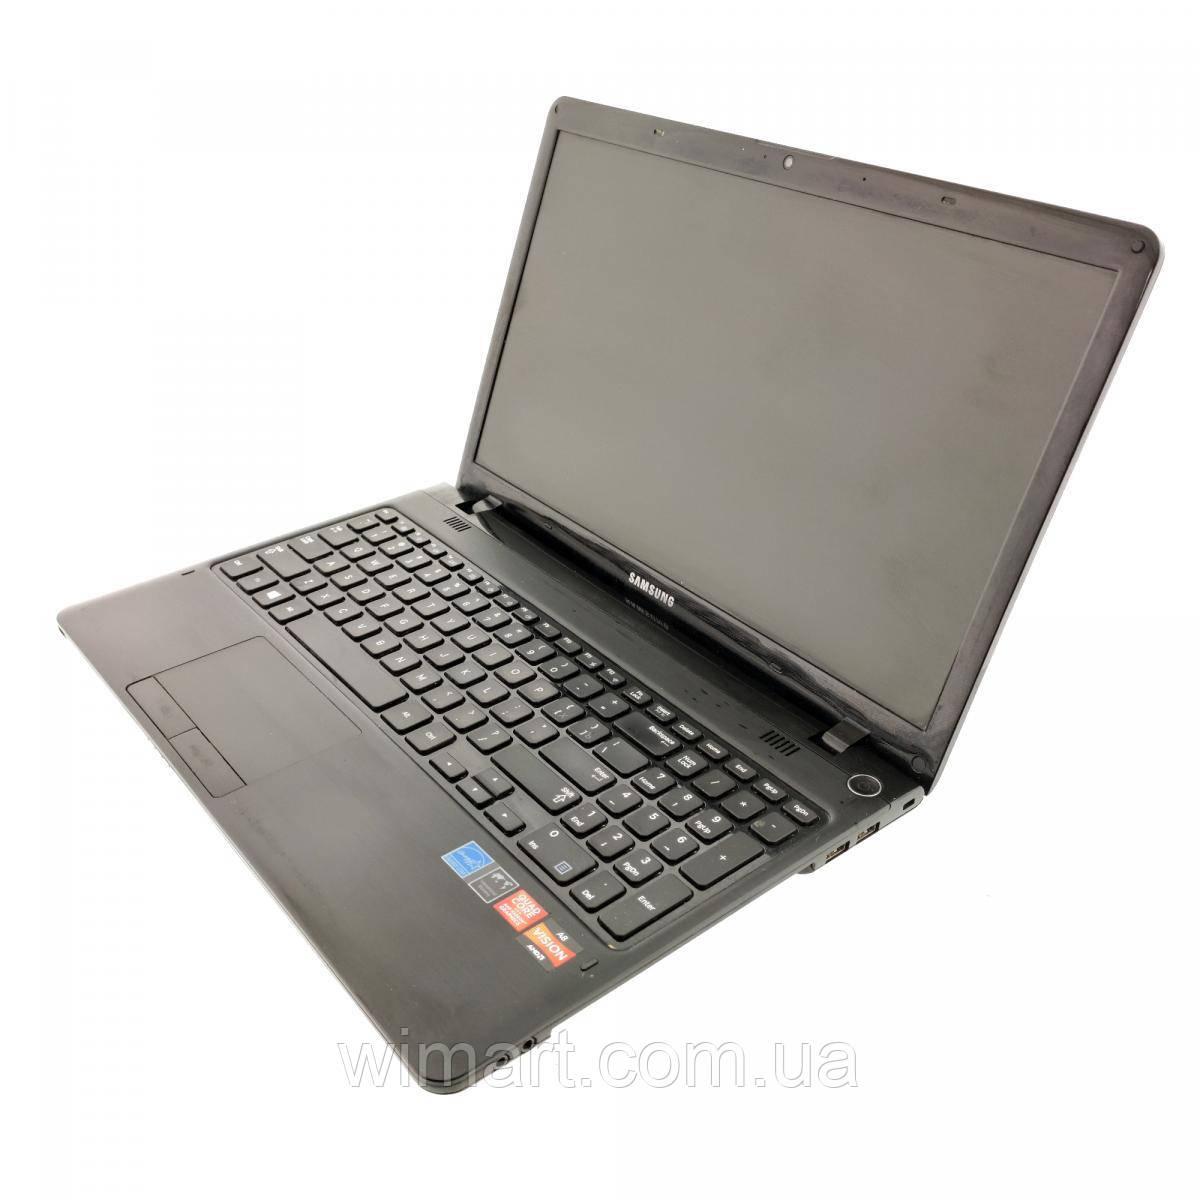 """Ноутбук Samsung NP365E5C 15.6"""" AMD A8-4500M 4GB DDR3 noHDD Б/У"""